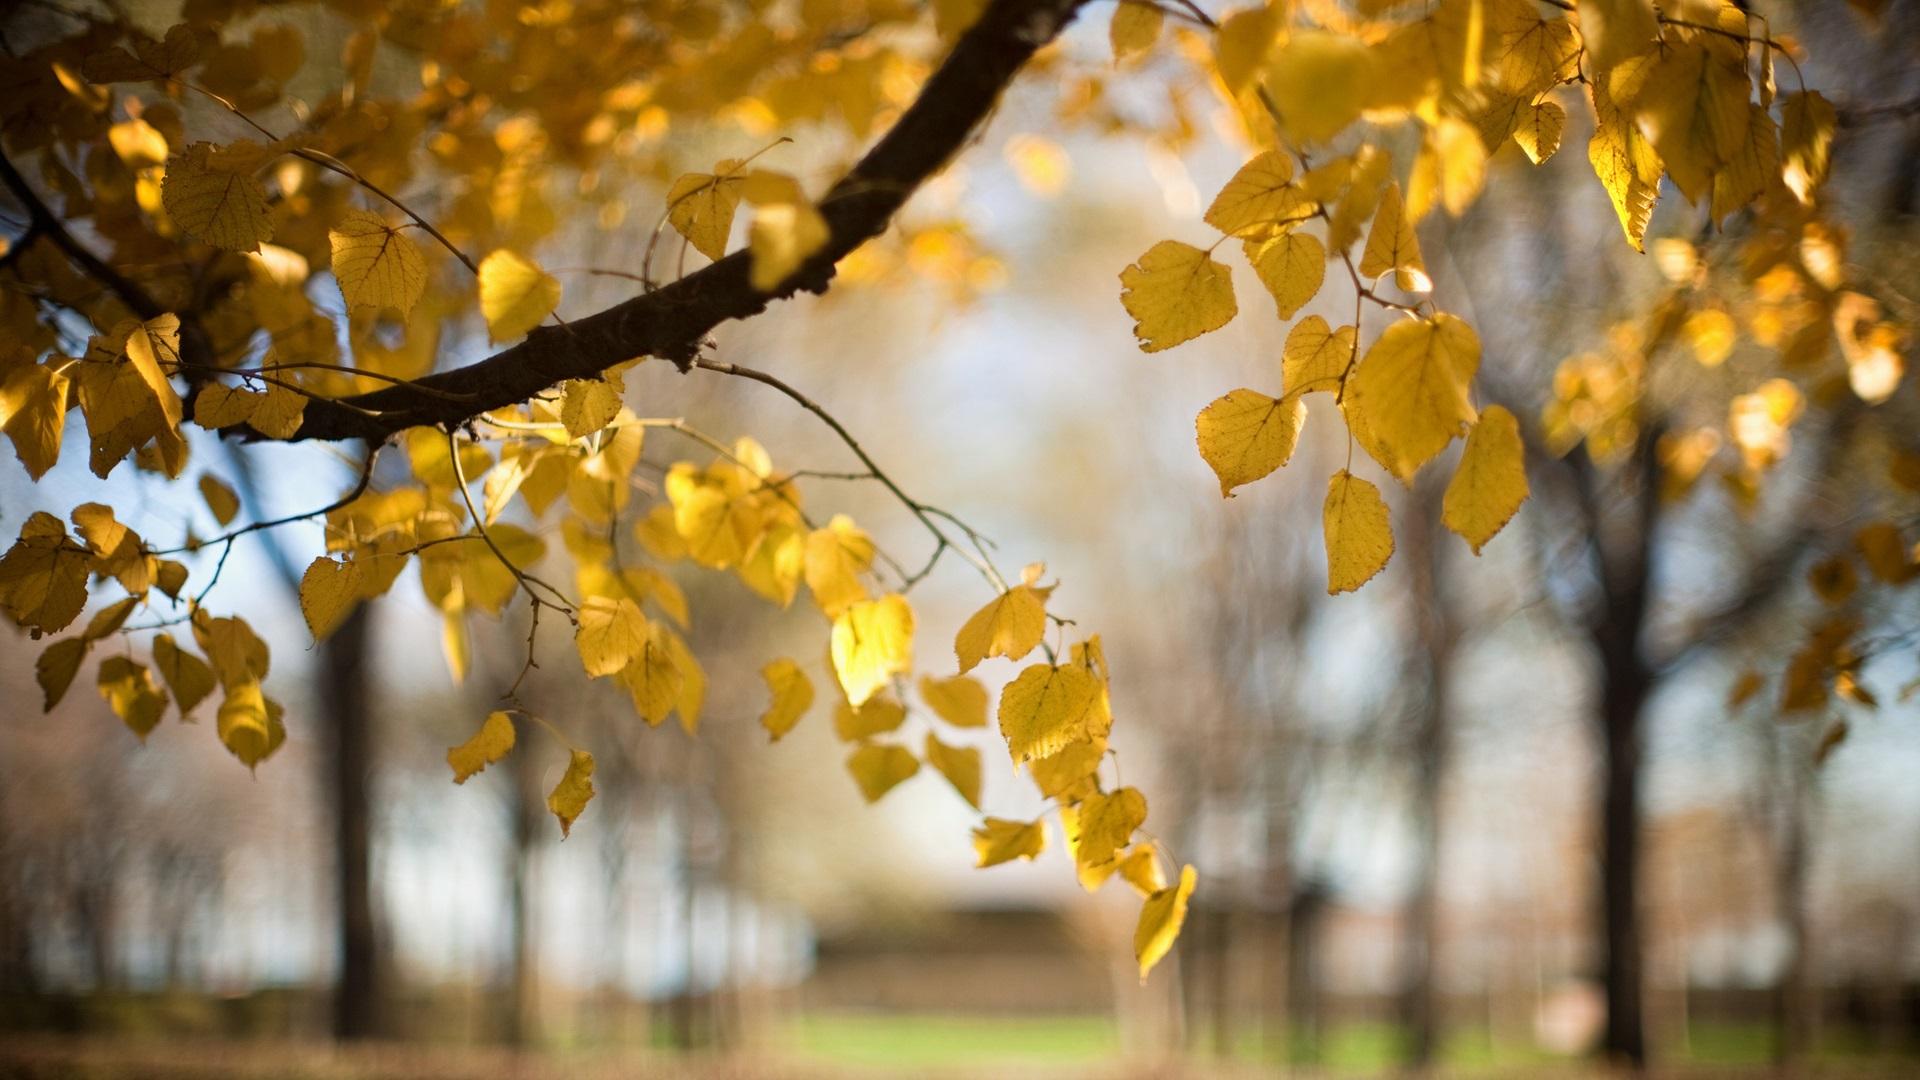 los rboles las hojas amarillas oto o desenfoque